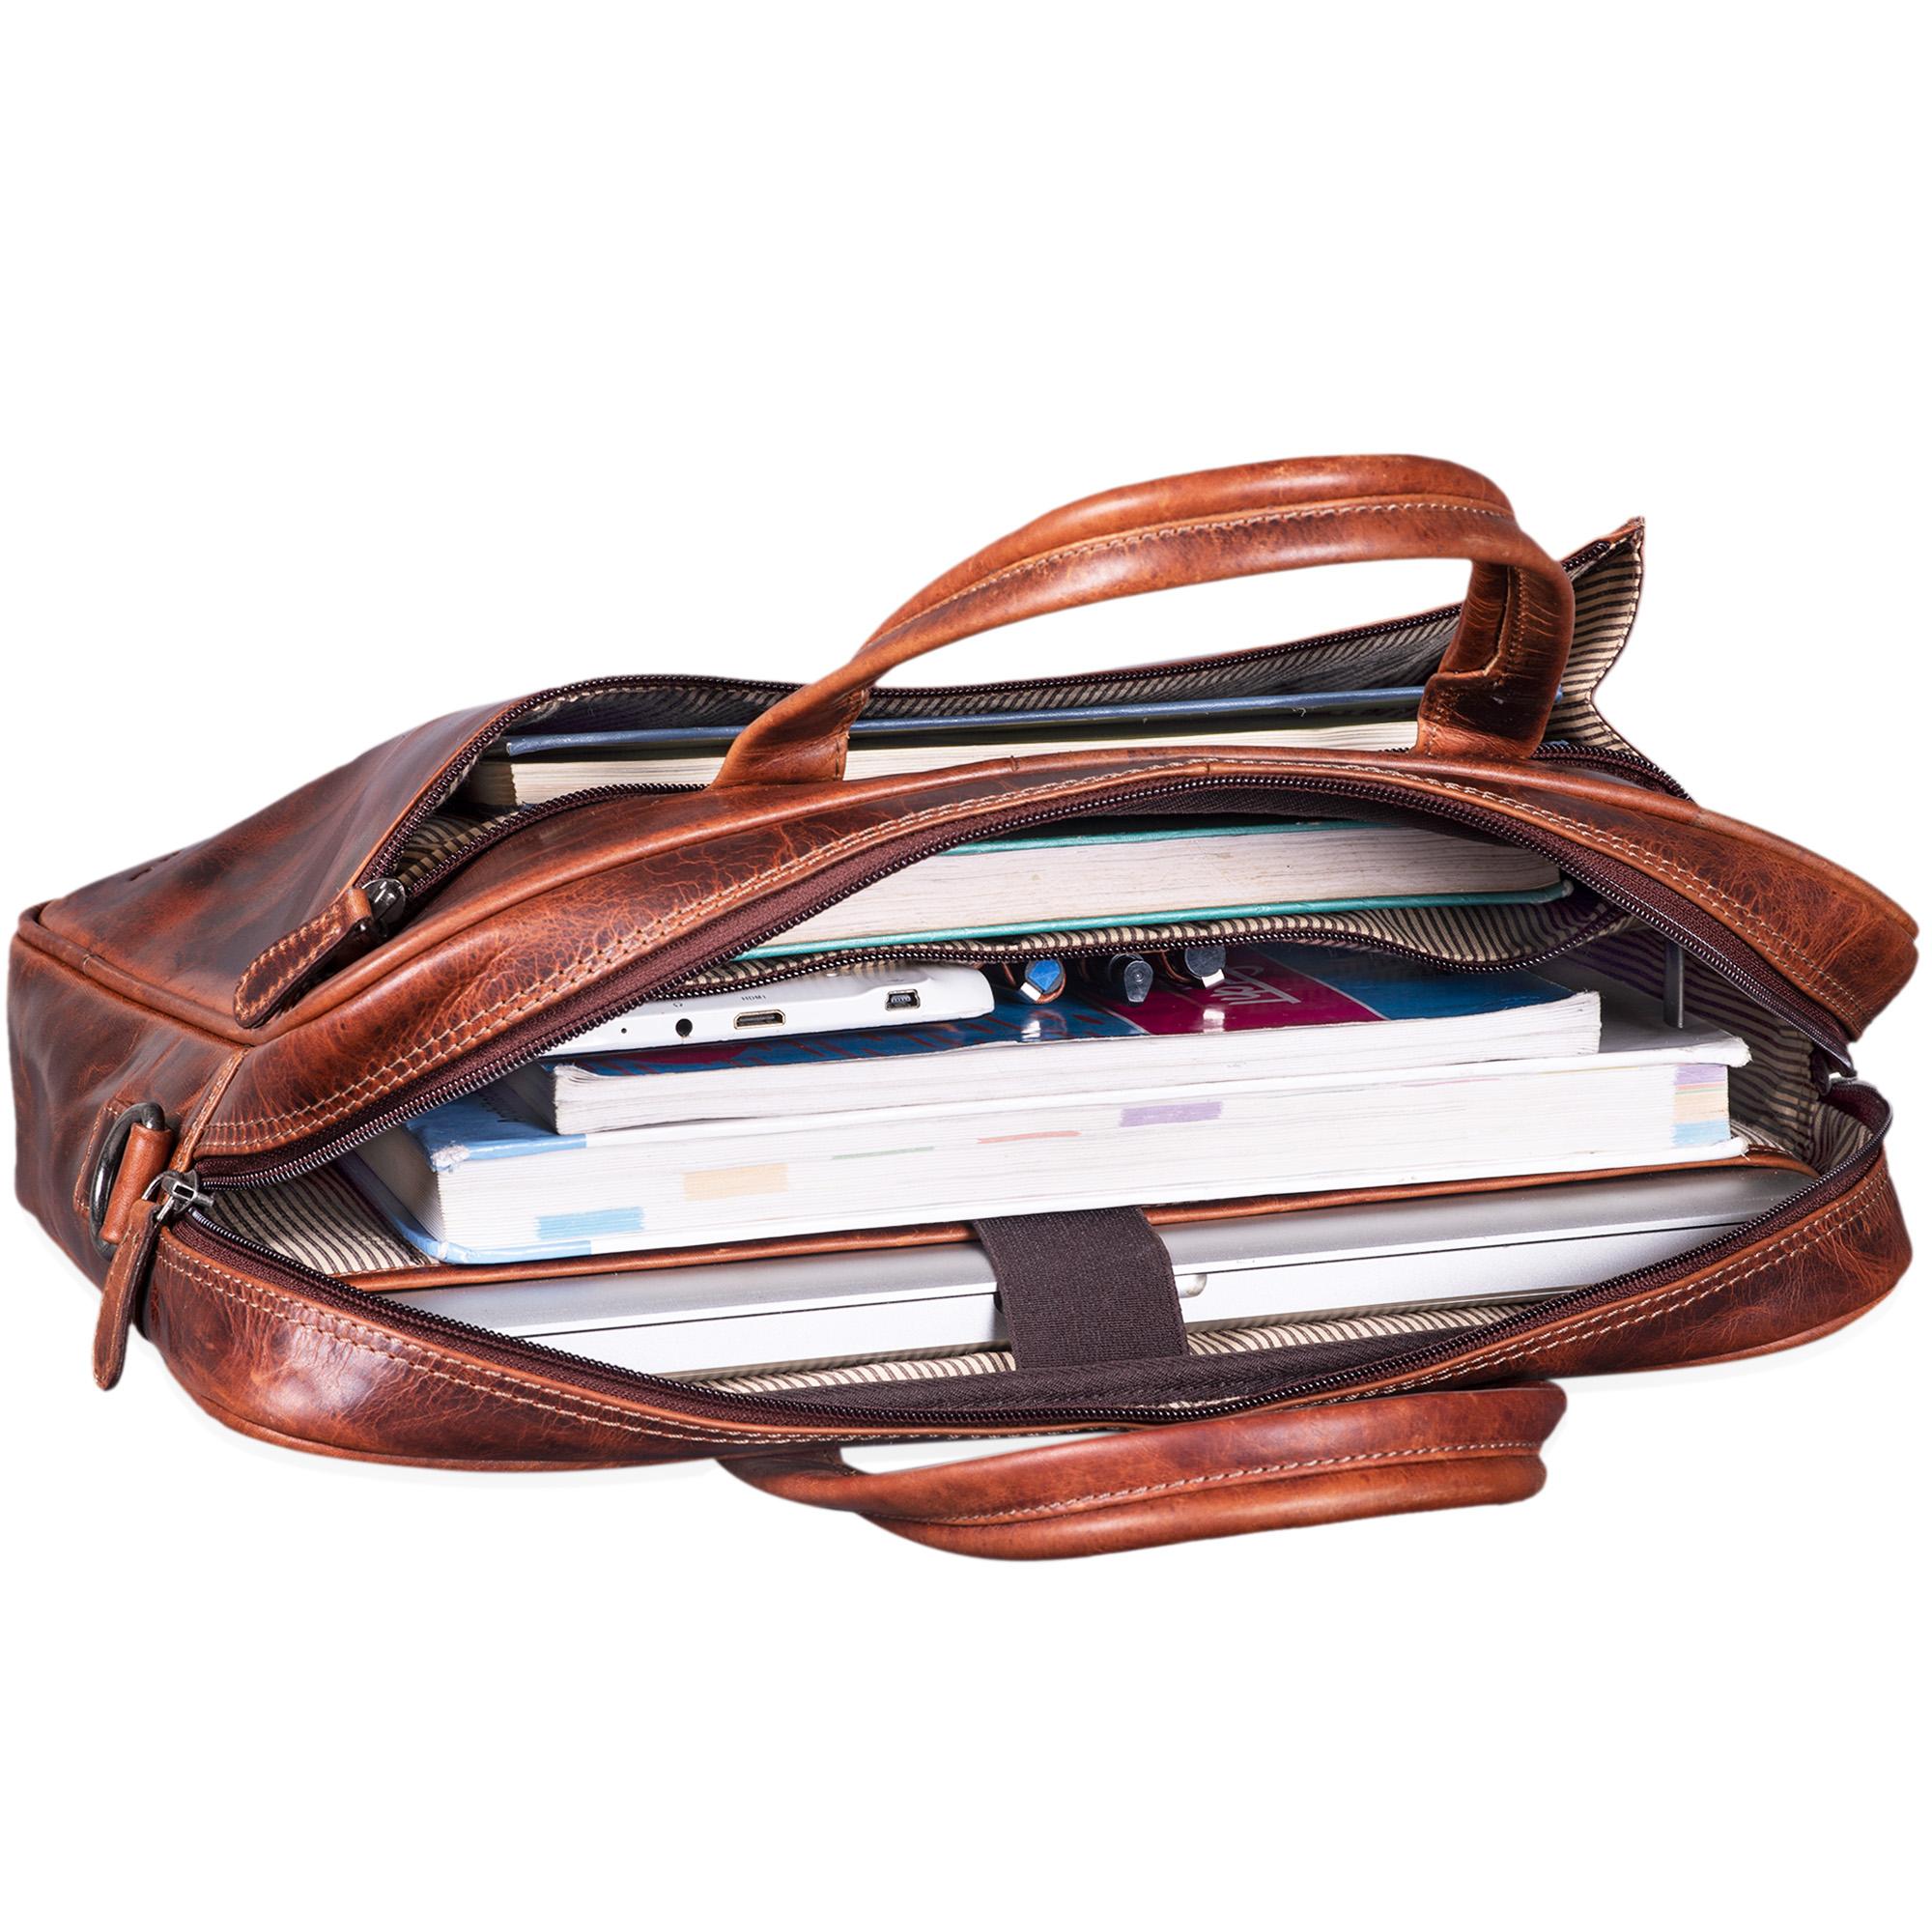 """STILORD """"Phoenix"""" Vintage Businesstasche Leder mit Schultergurt für MacBooks 13,3 Zoll Laptoptasche elegante Umhängetasche Aktentasche aufsteckbar  - Bild 7"""